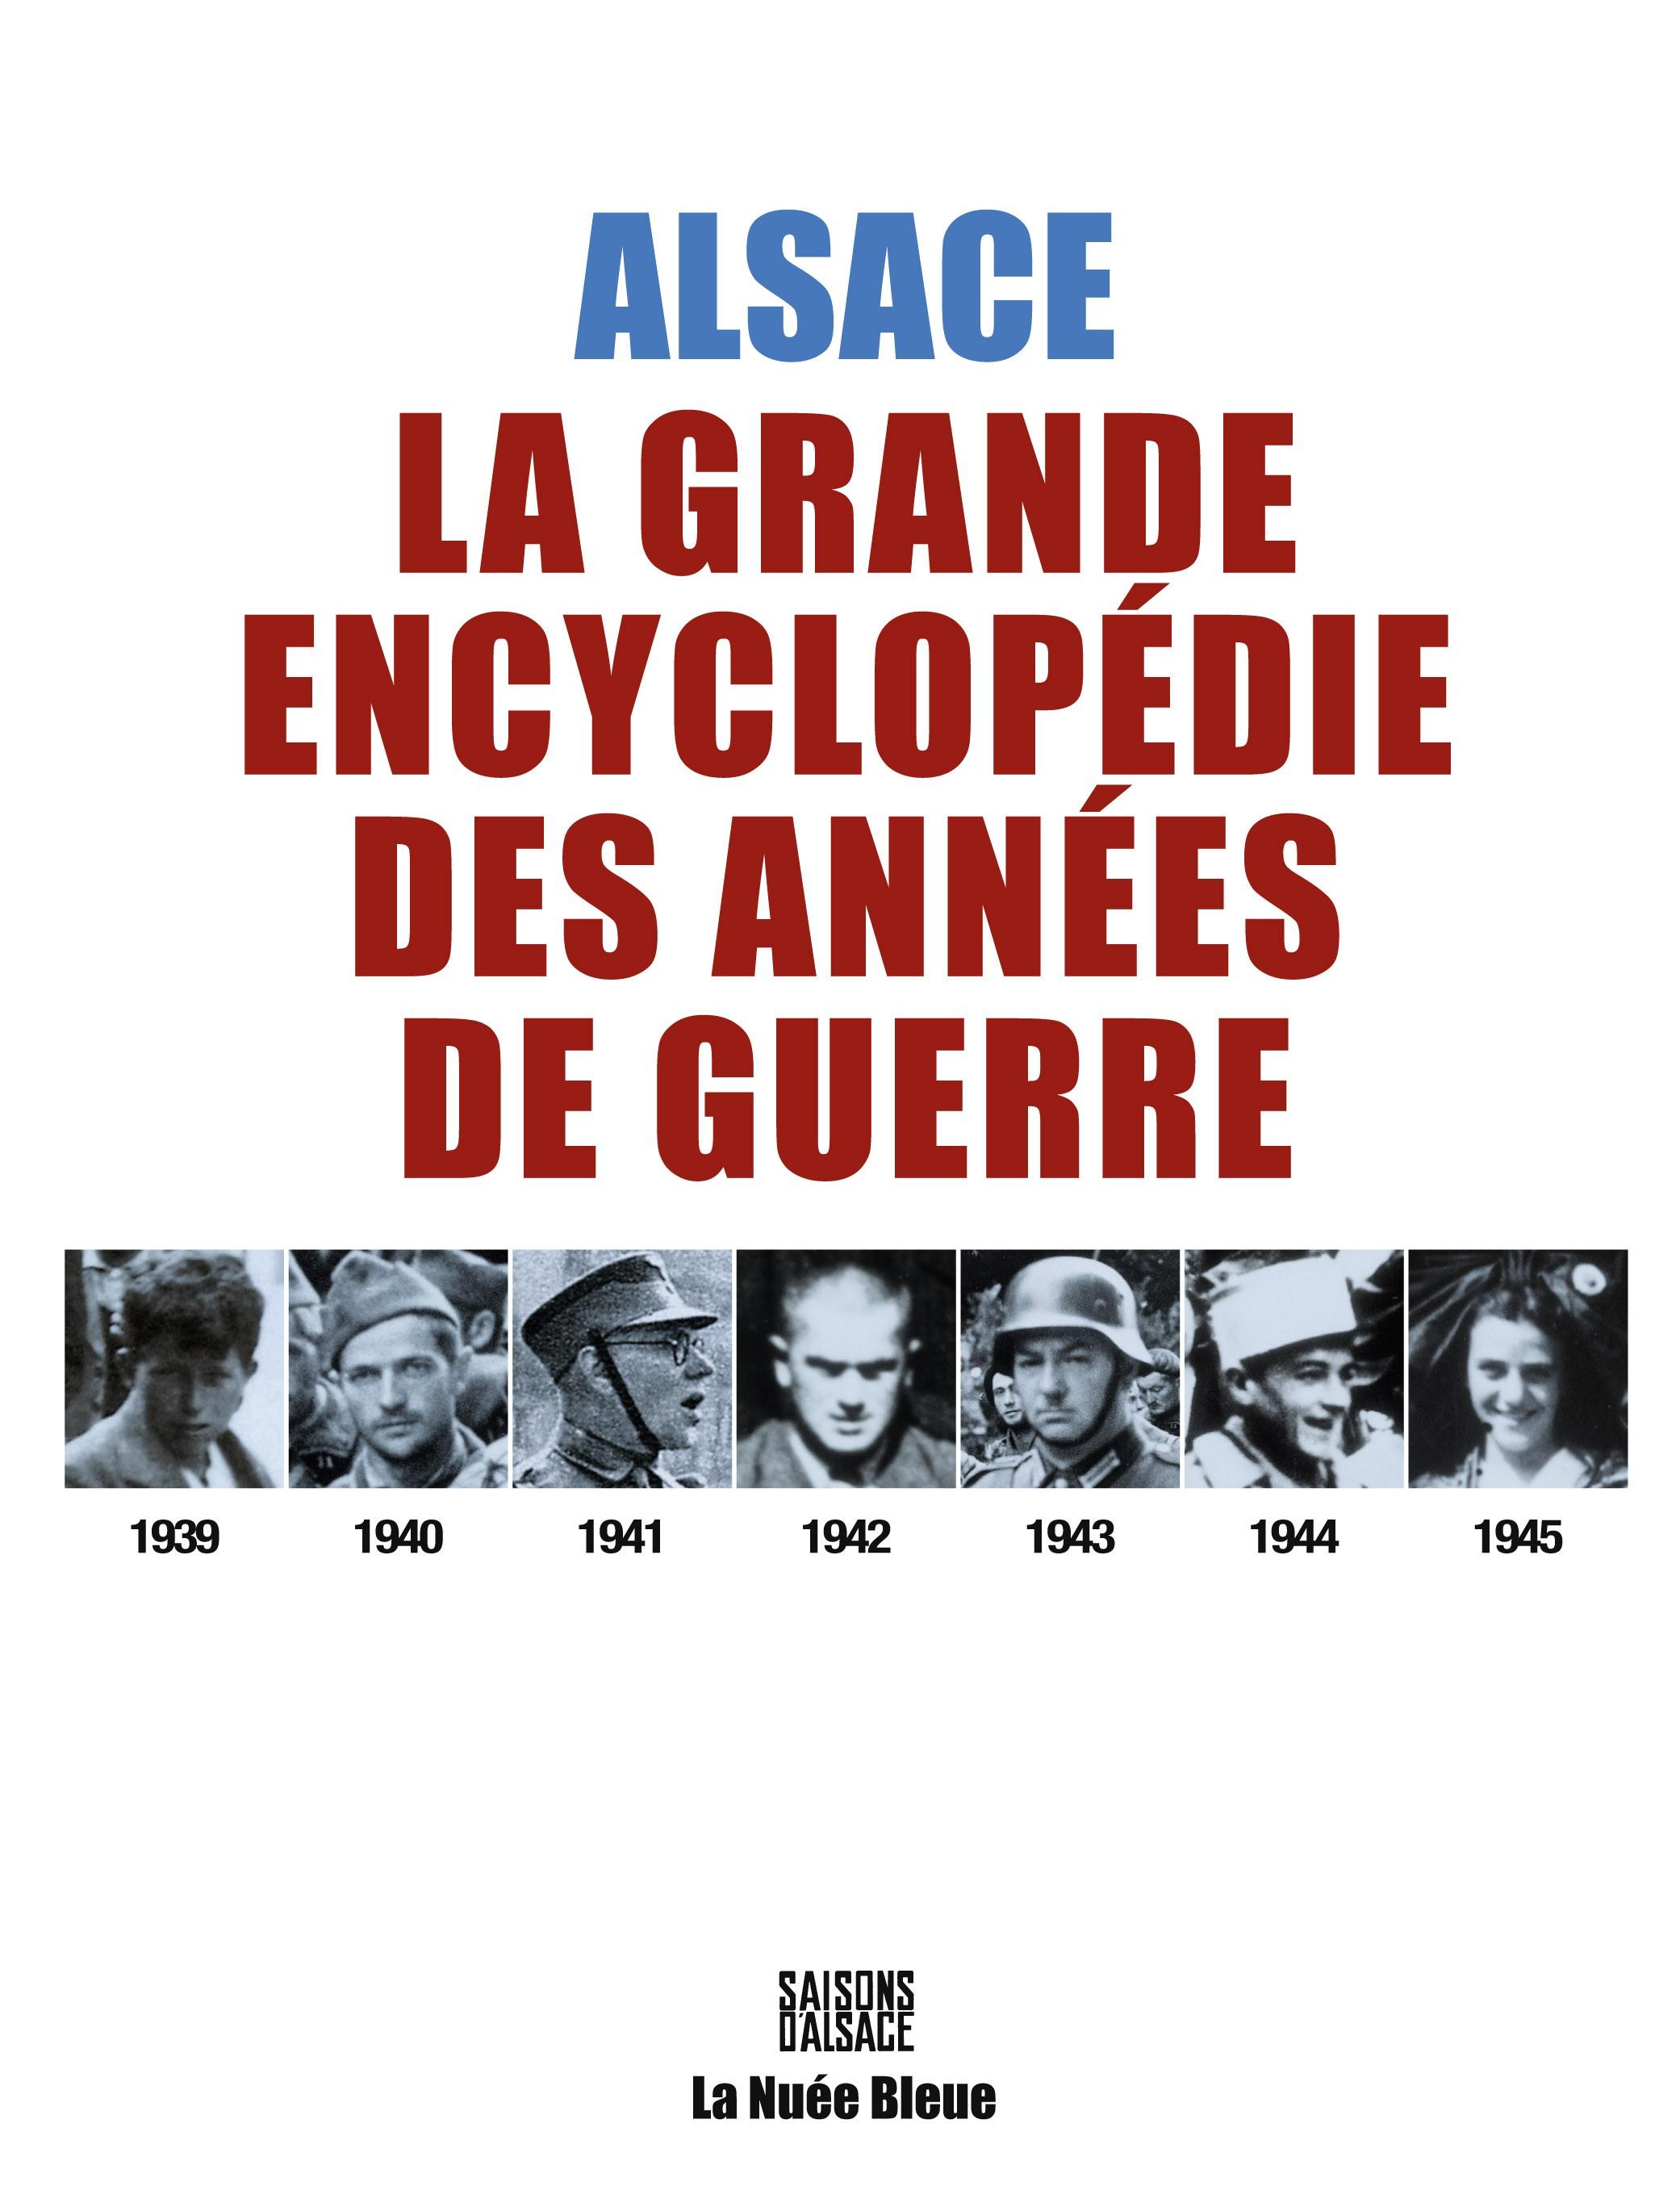 Alsace-La grande encyclopédie des années de guerre 39-45